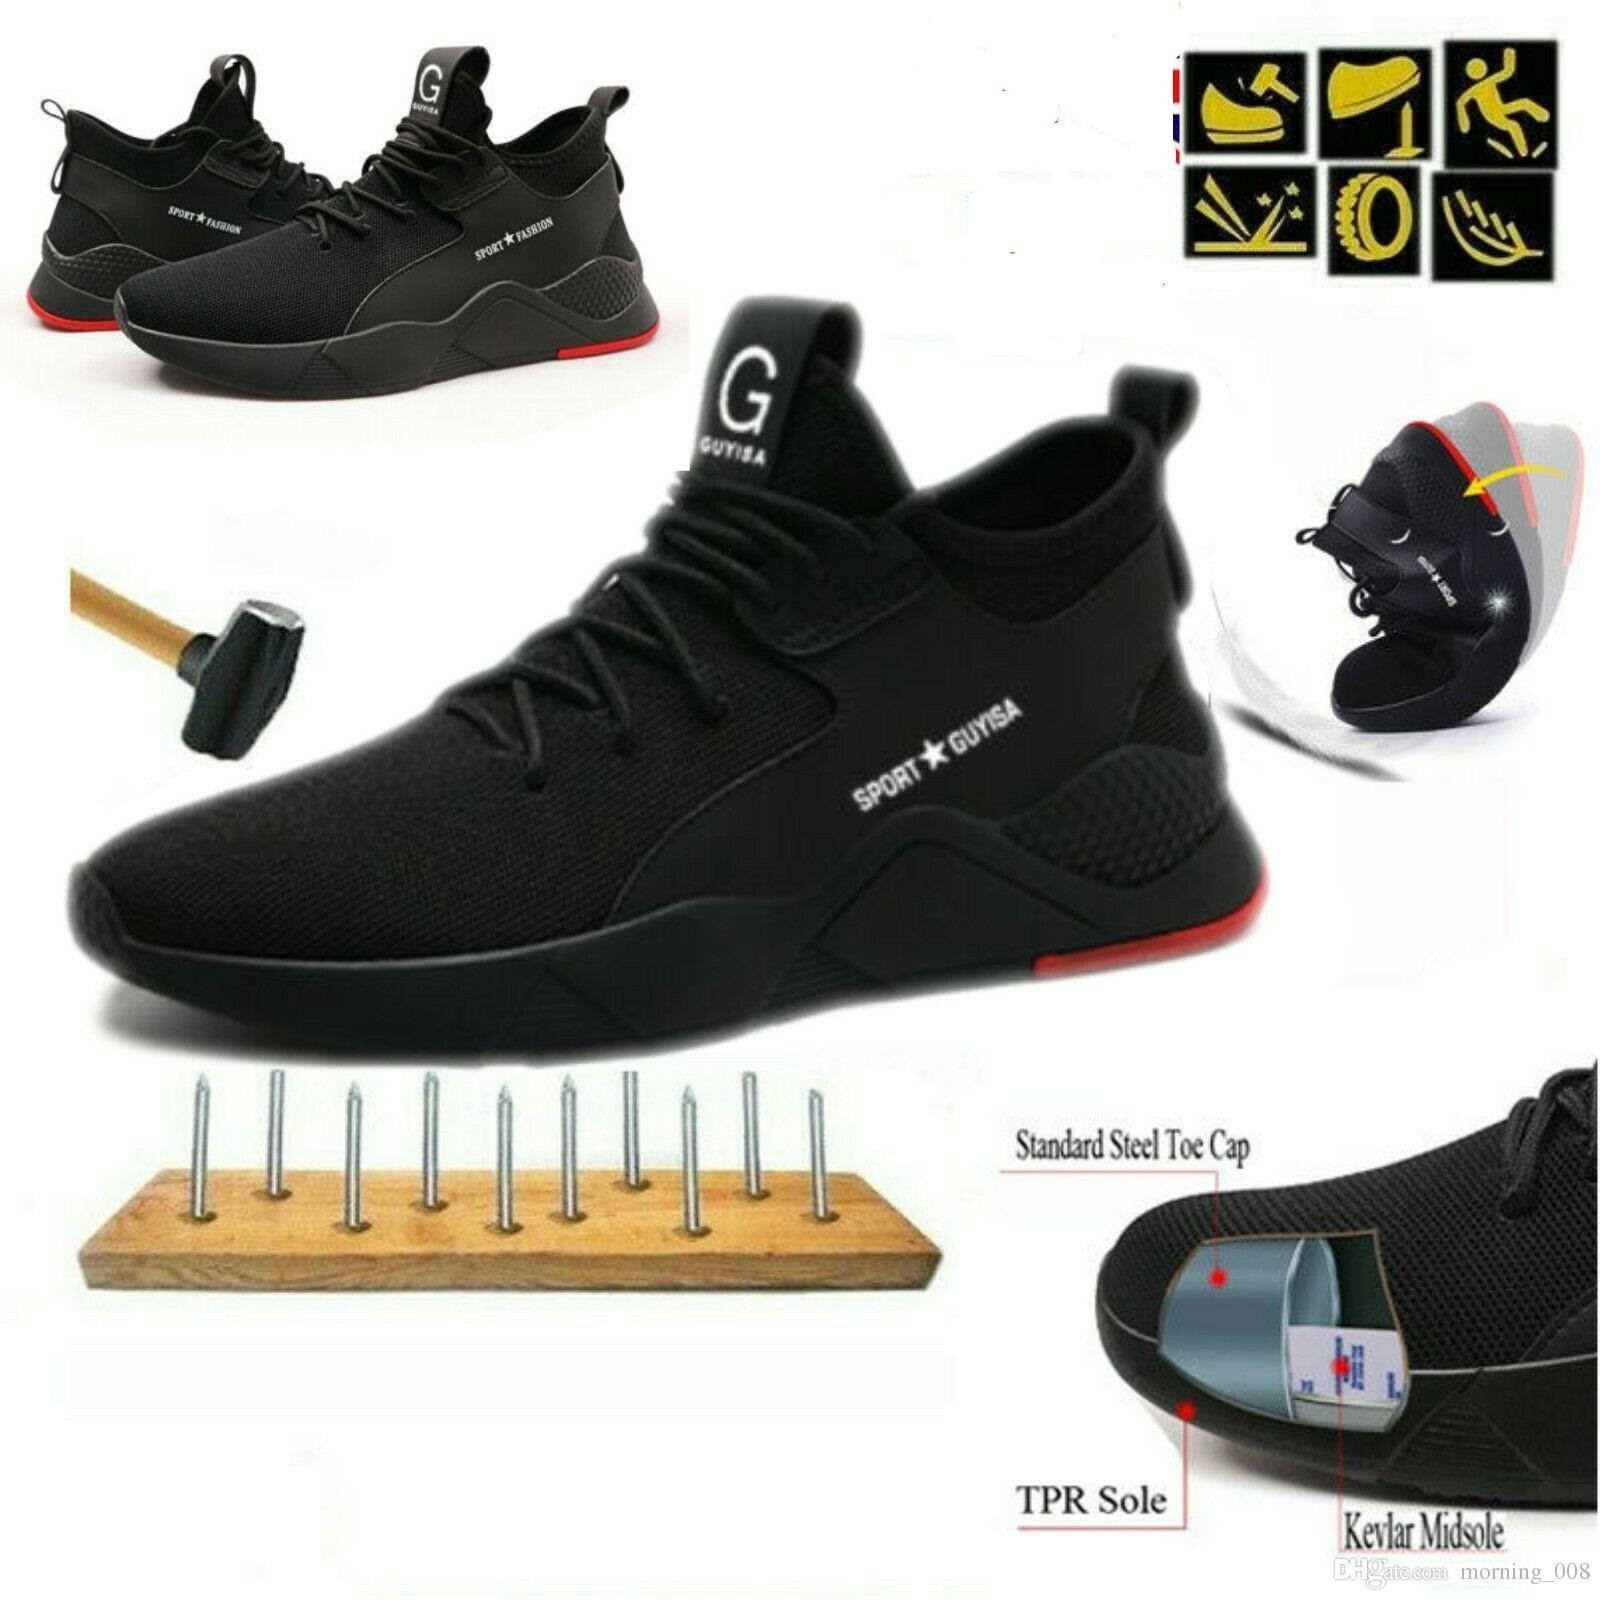 Emniyet Ayakkabı Kadın Erkek Çelik Burunlu Spor Açık Çalışma Yürüyüş Trail Nefes Ayakkabı Koruyucu Ayakkabı Eğitmenler çizmeler